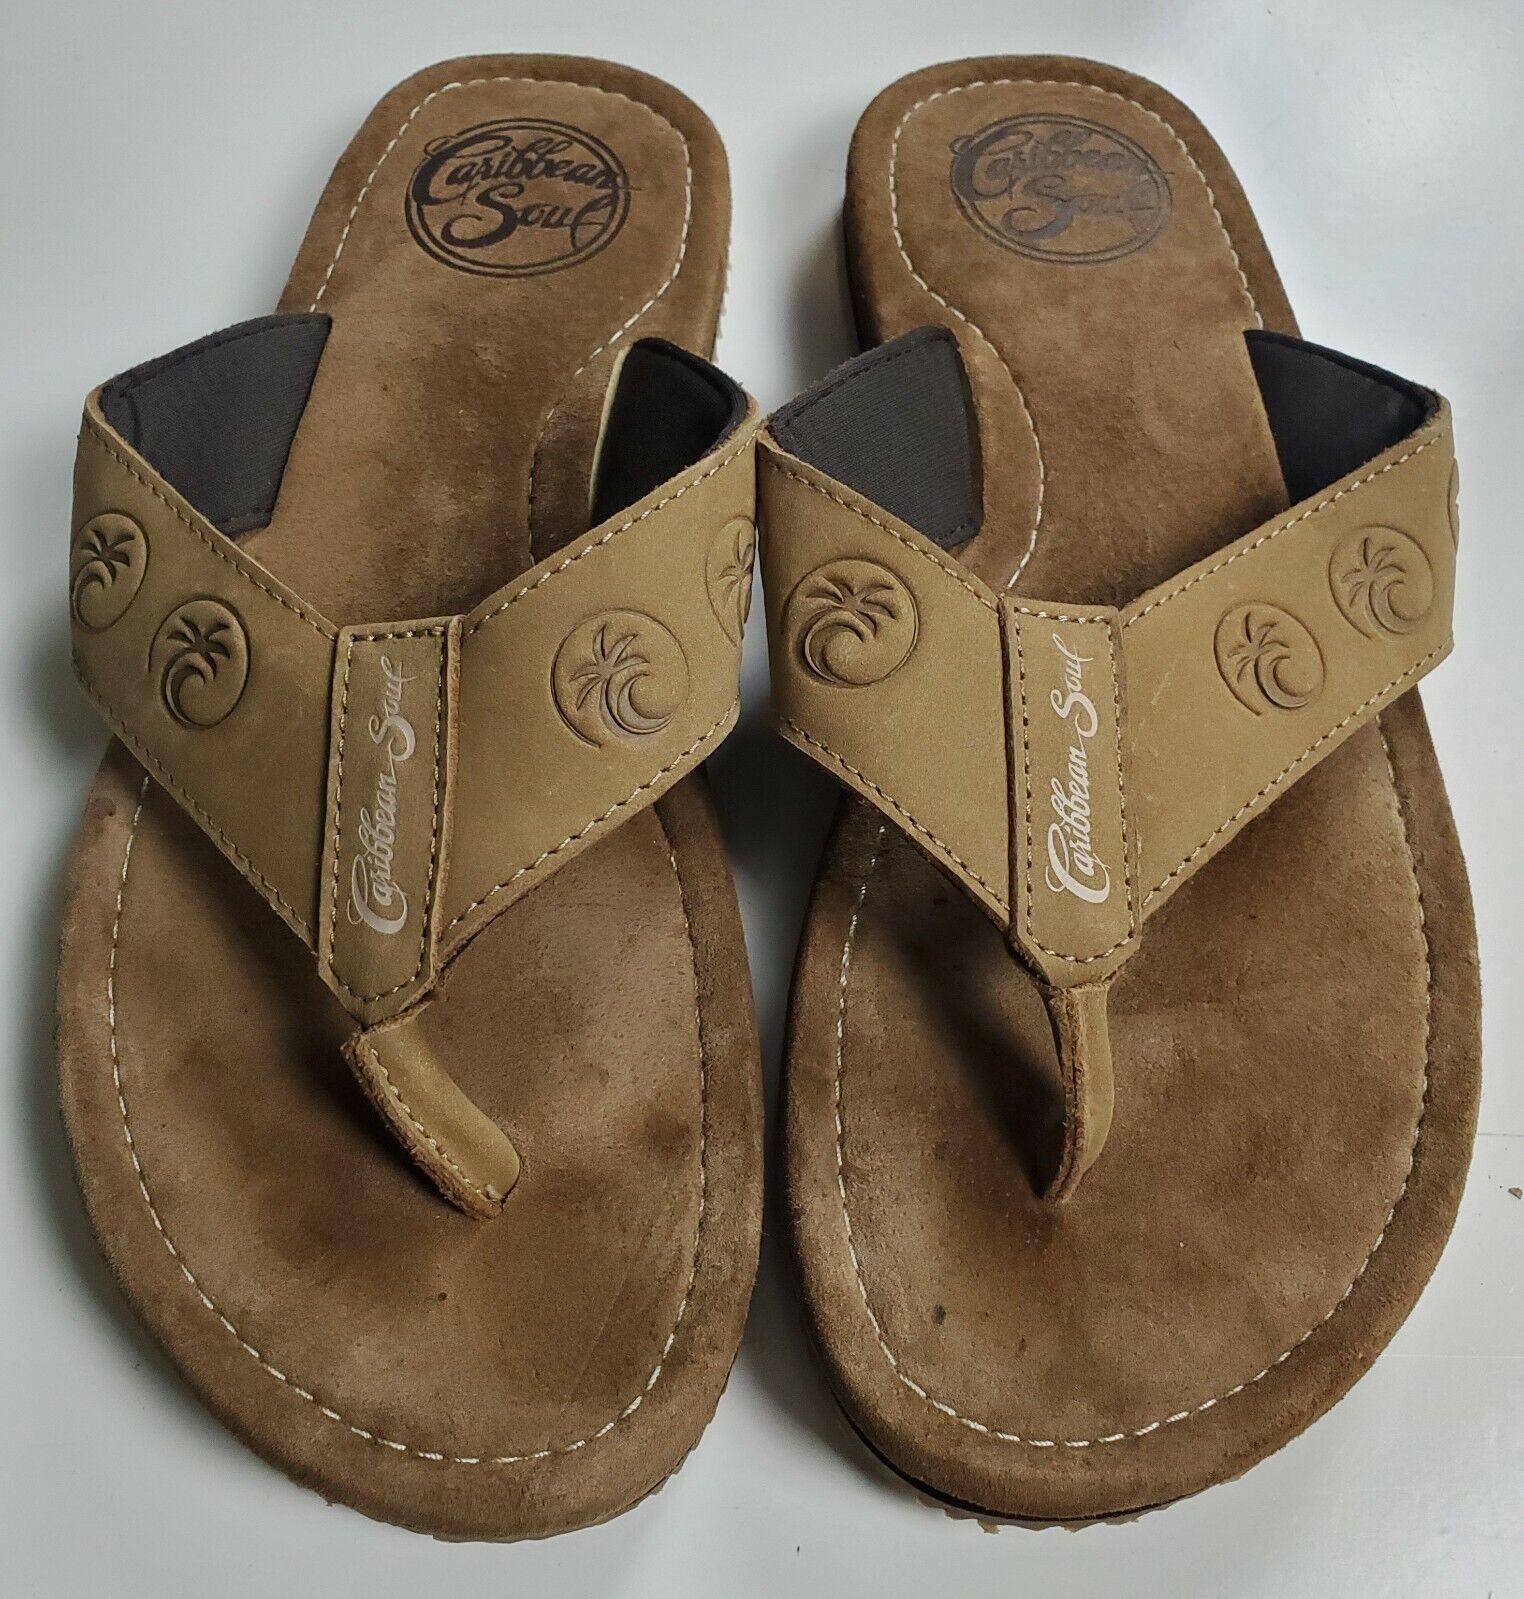 Caribbean Soul Men's Brown Faux Suede Thong/Flip Flop Sandals Size 8